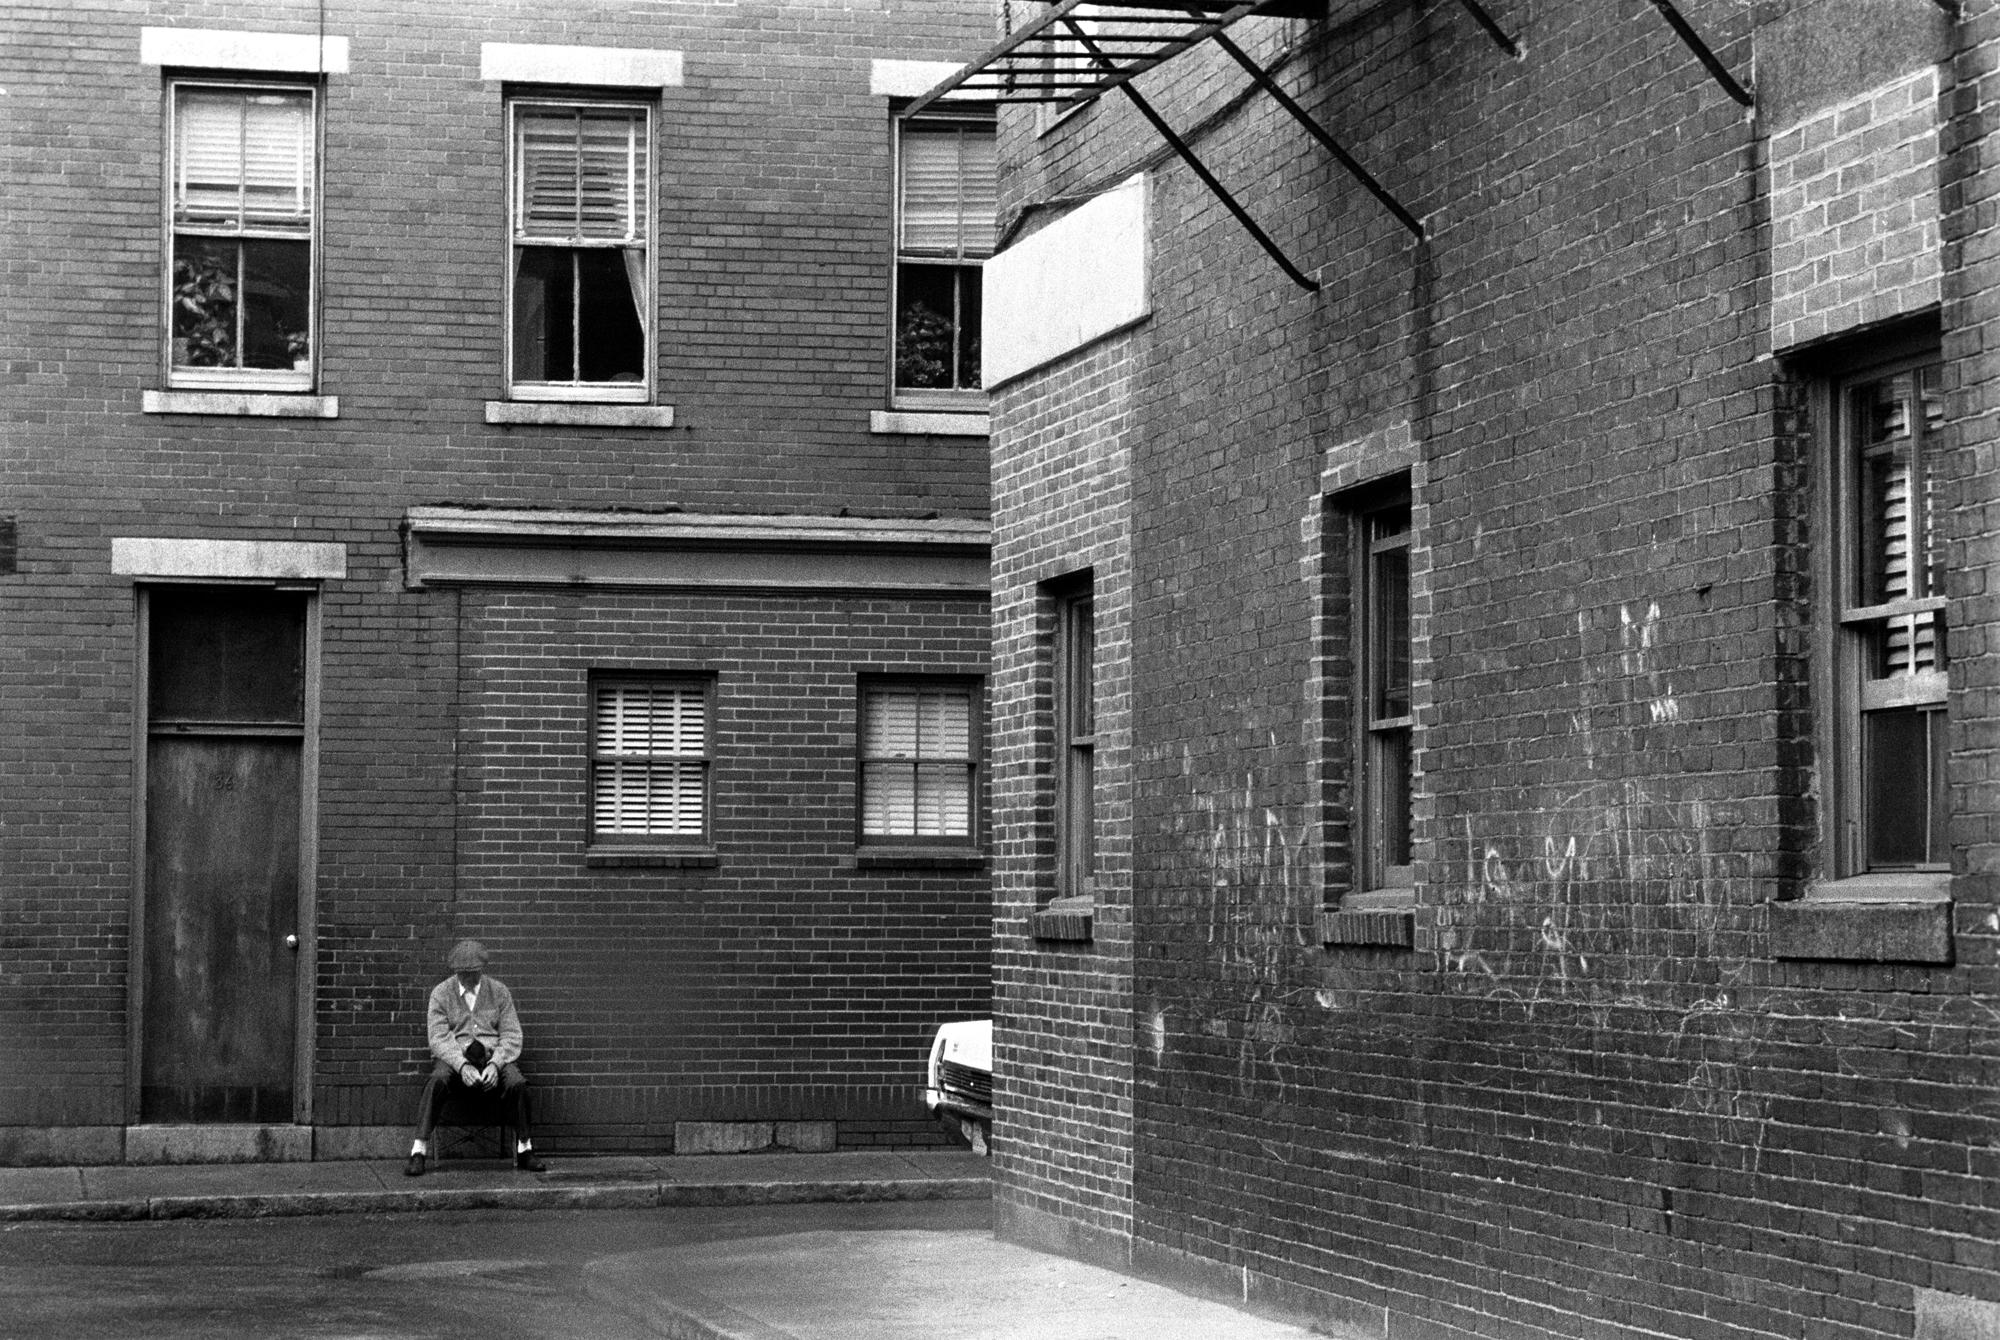 South Boston 1970